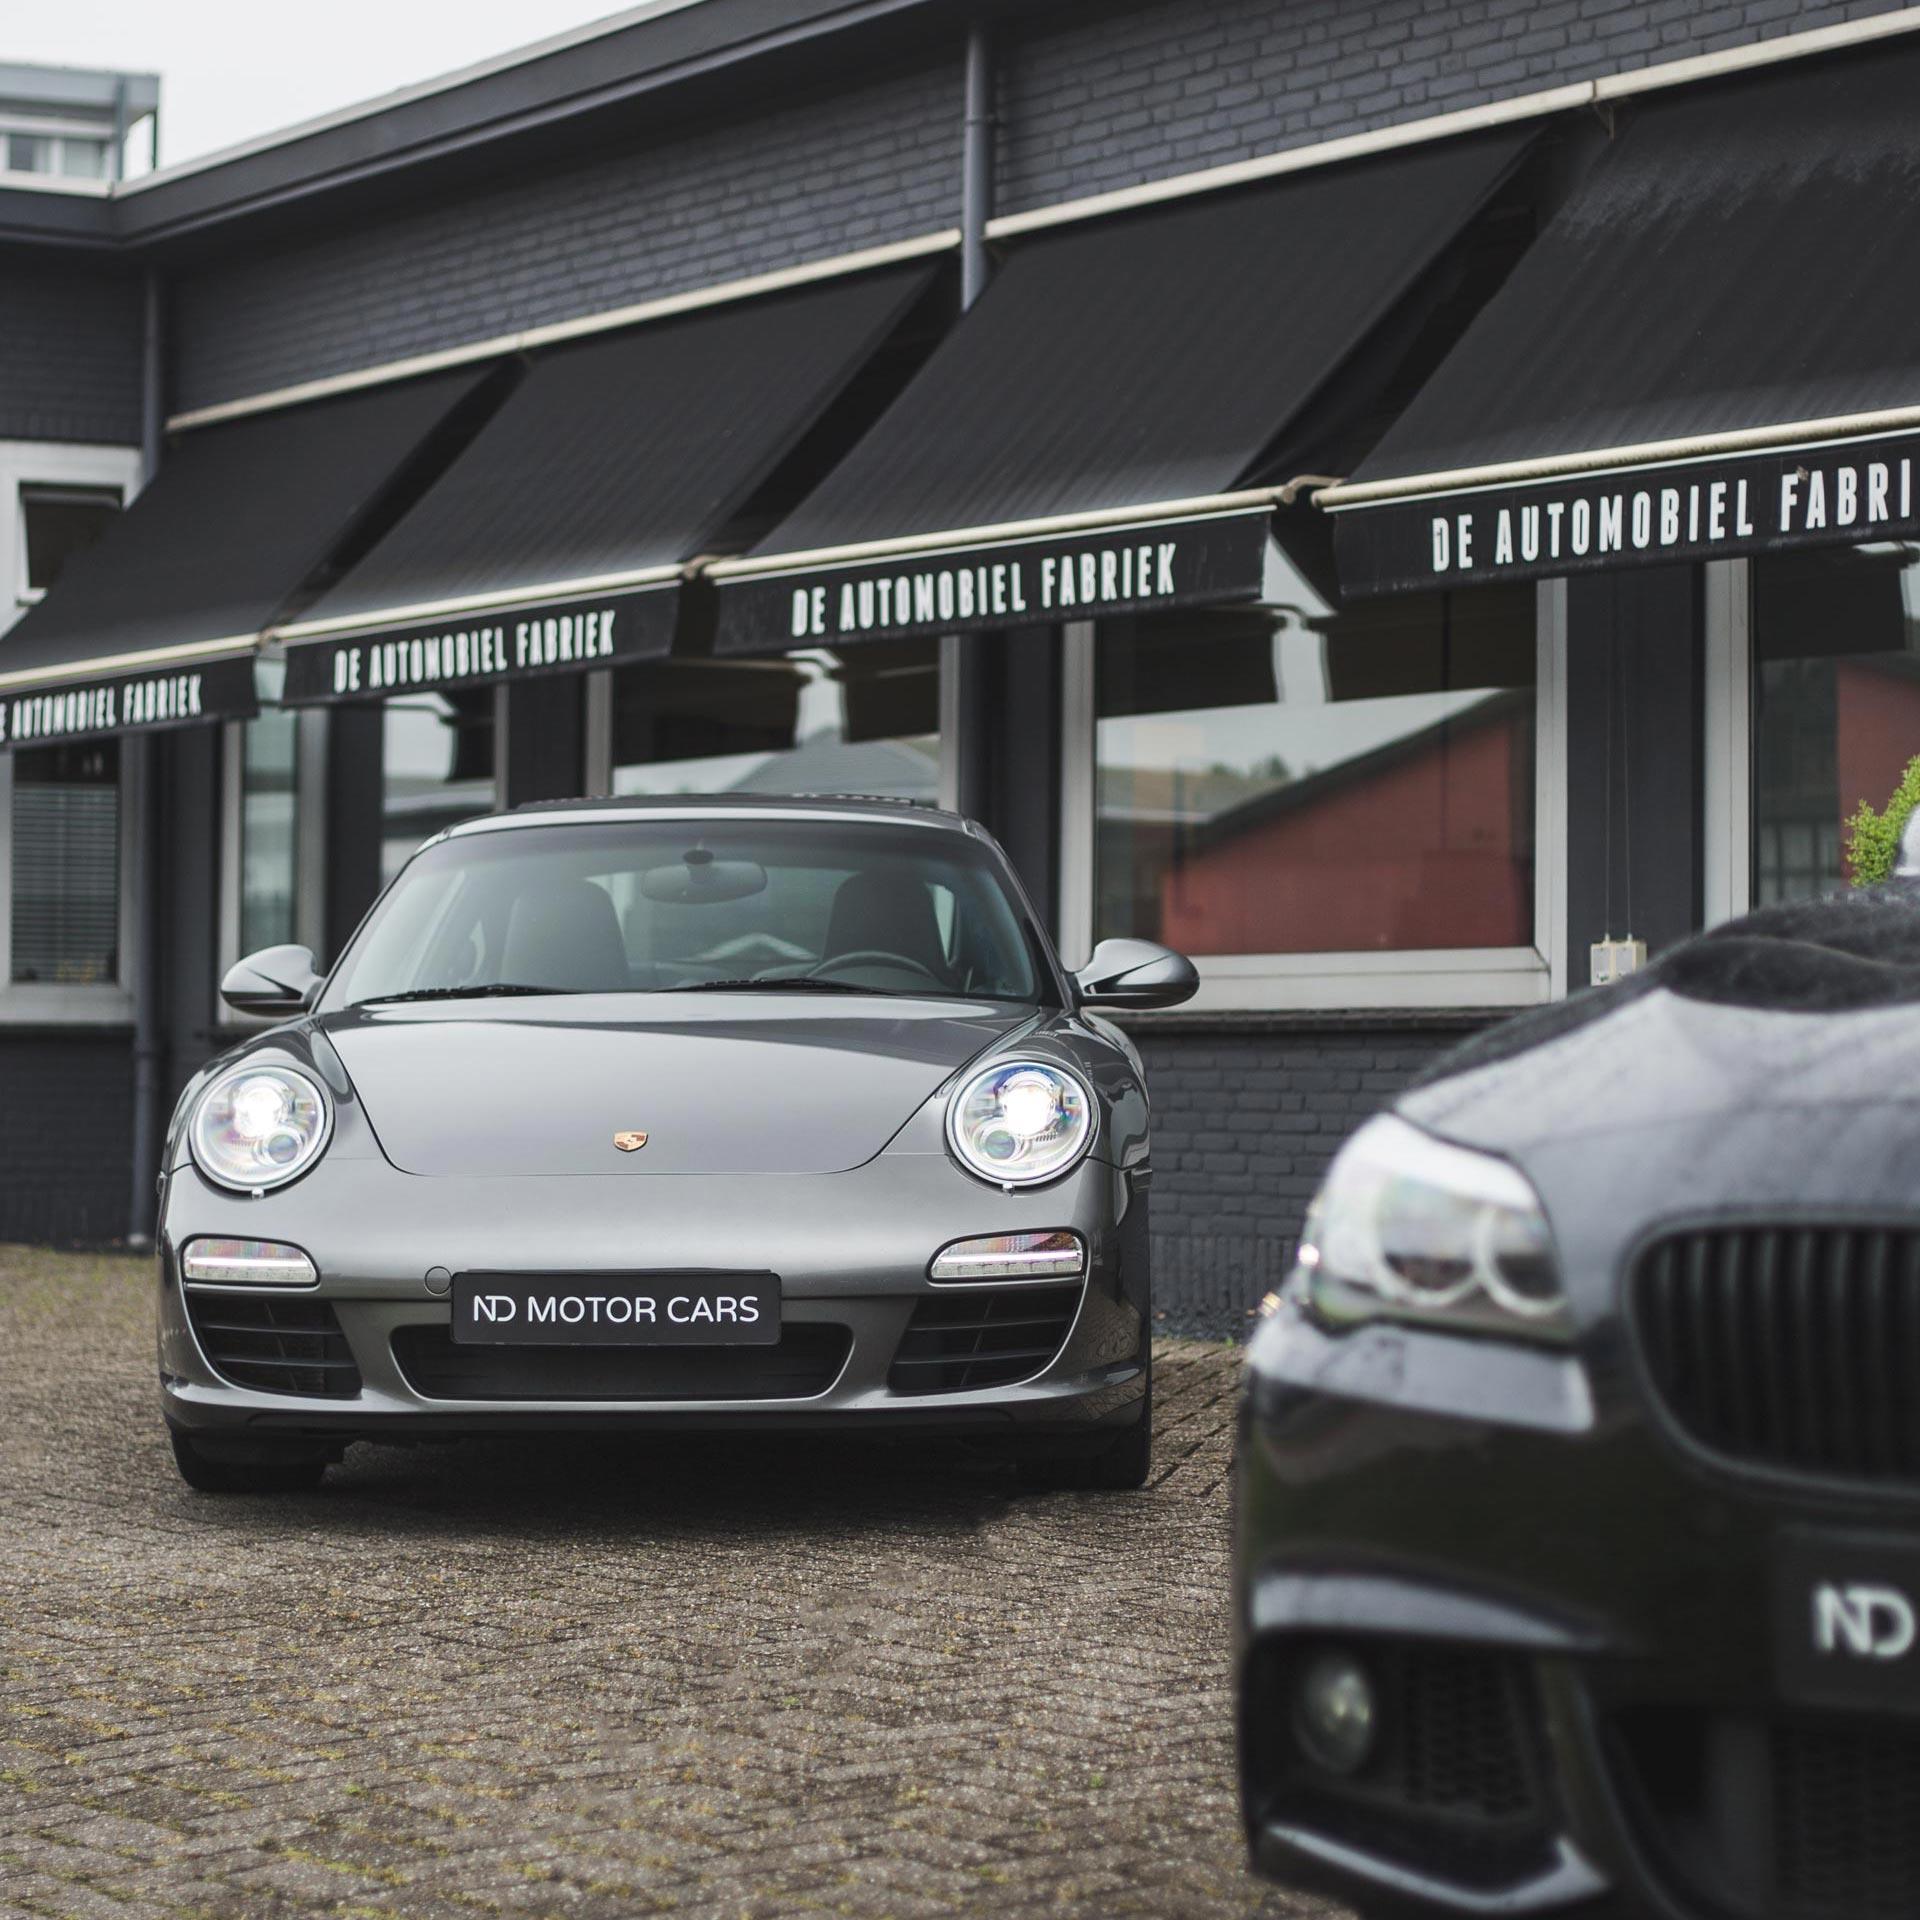 Porsche-911-ND-Motor-CARS